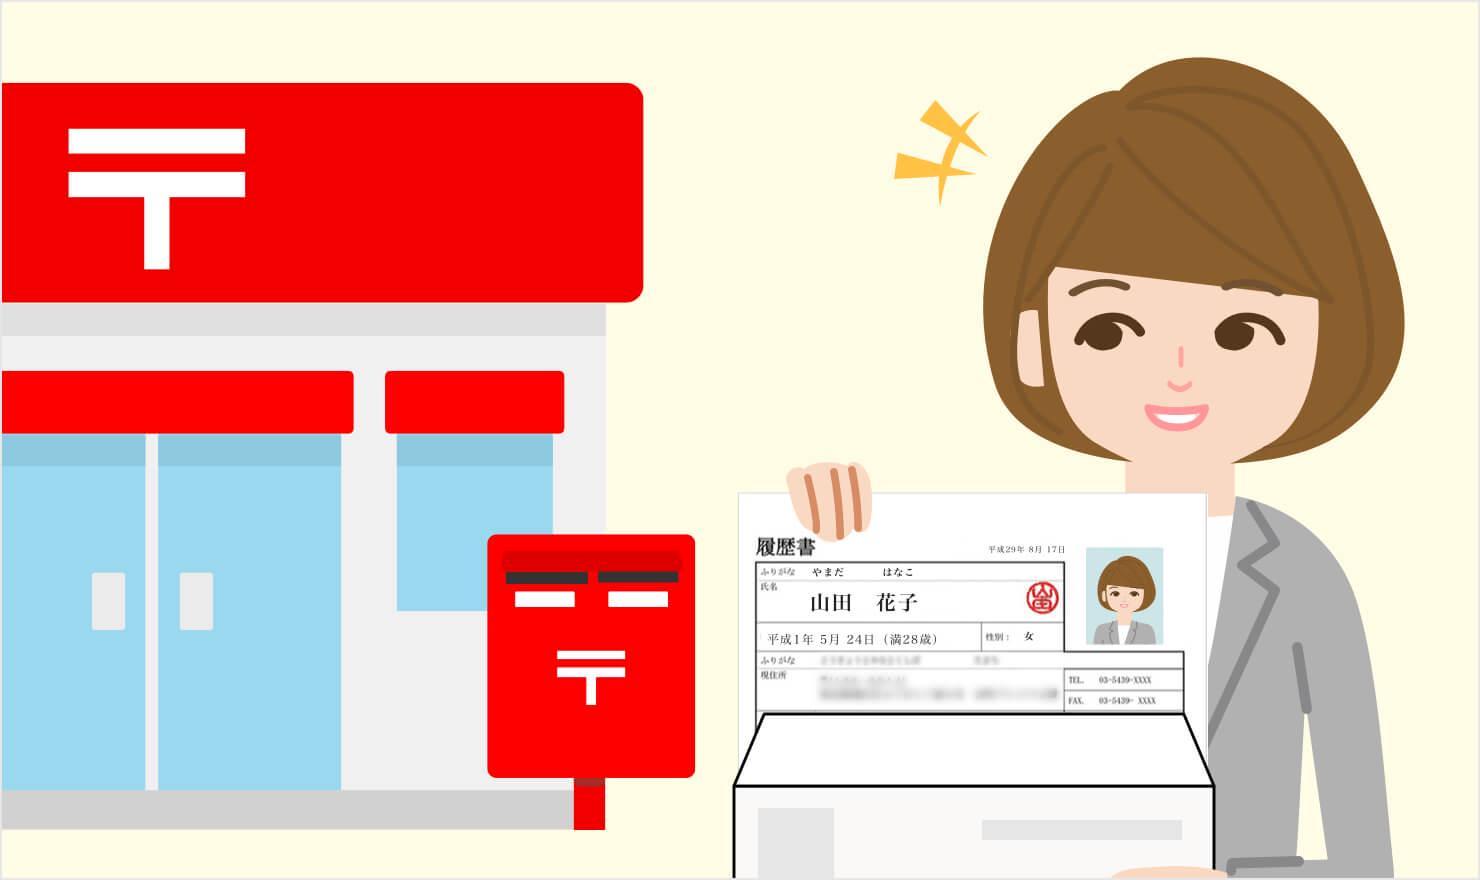 履歴書の郵送が転職活動を左右する?プロが教える大人の送付マナー | JOBSHIL